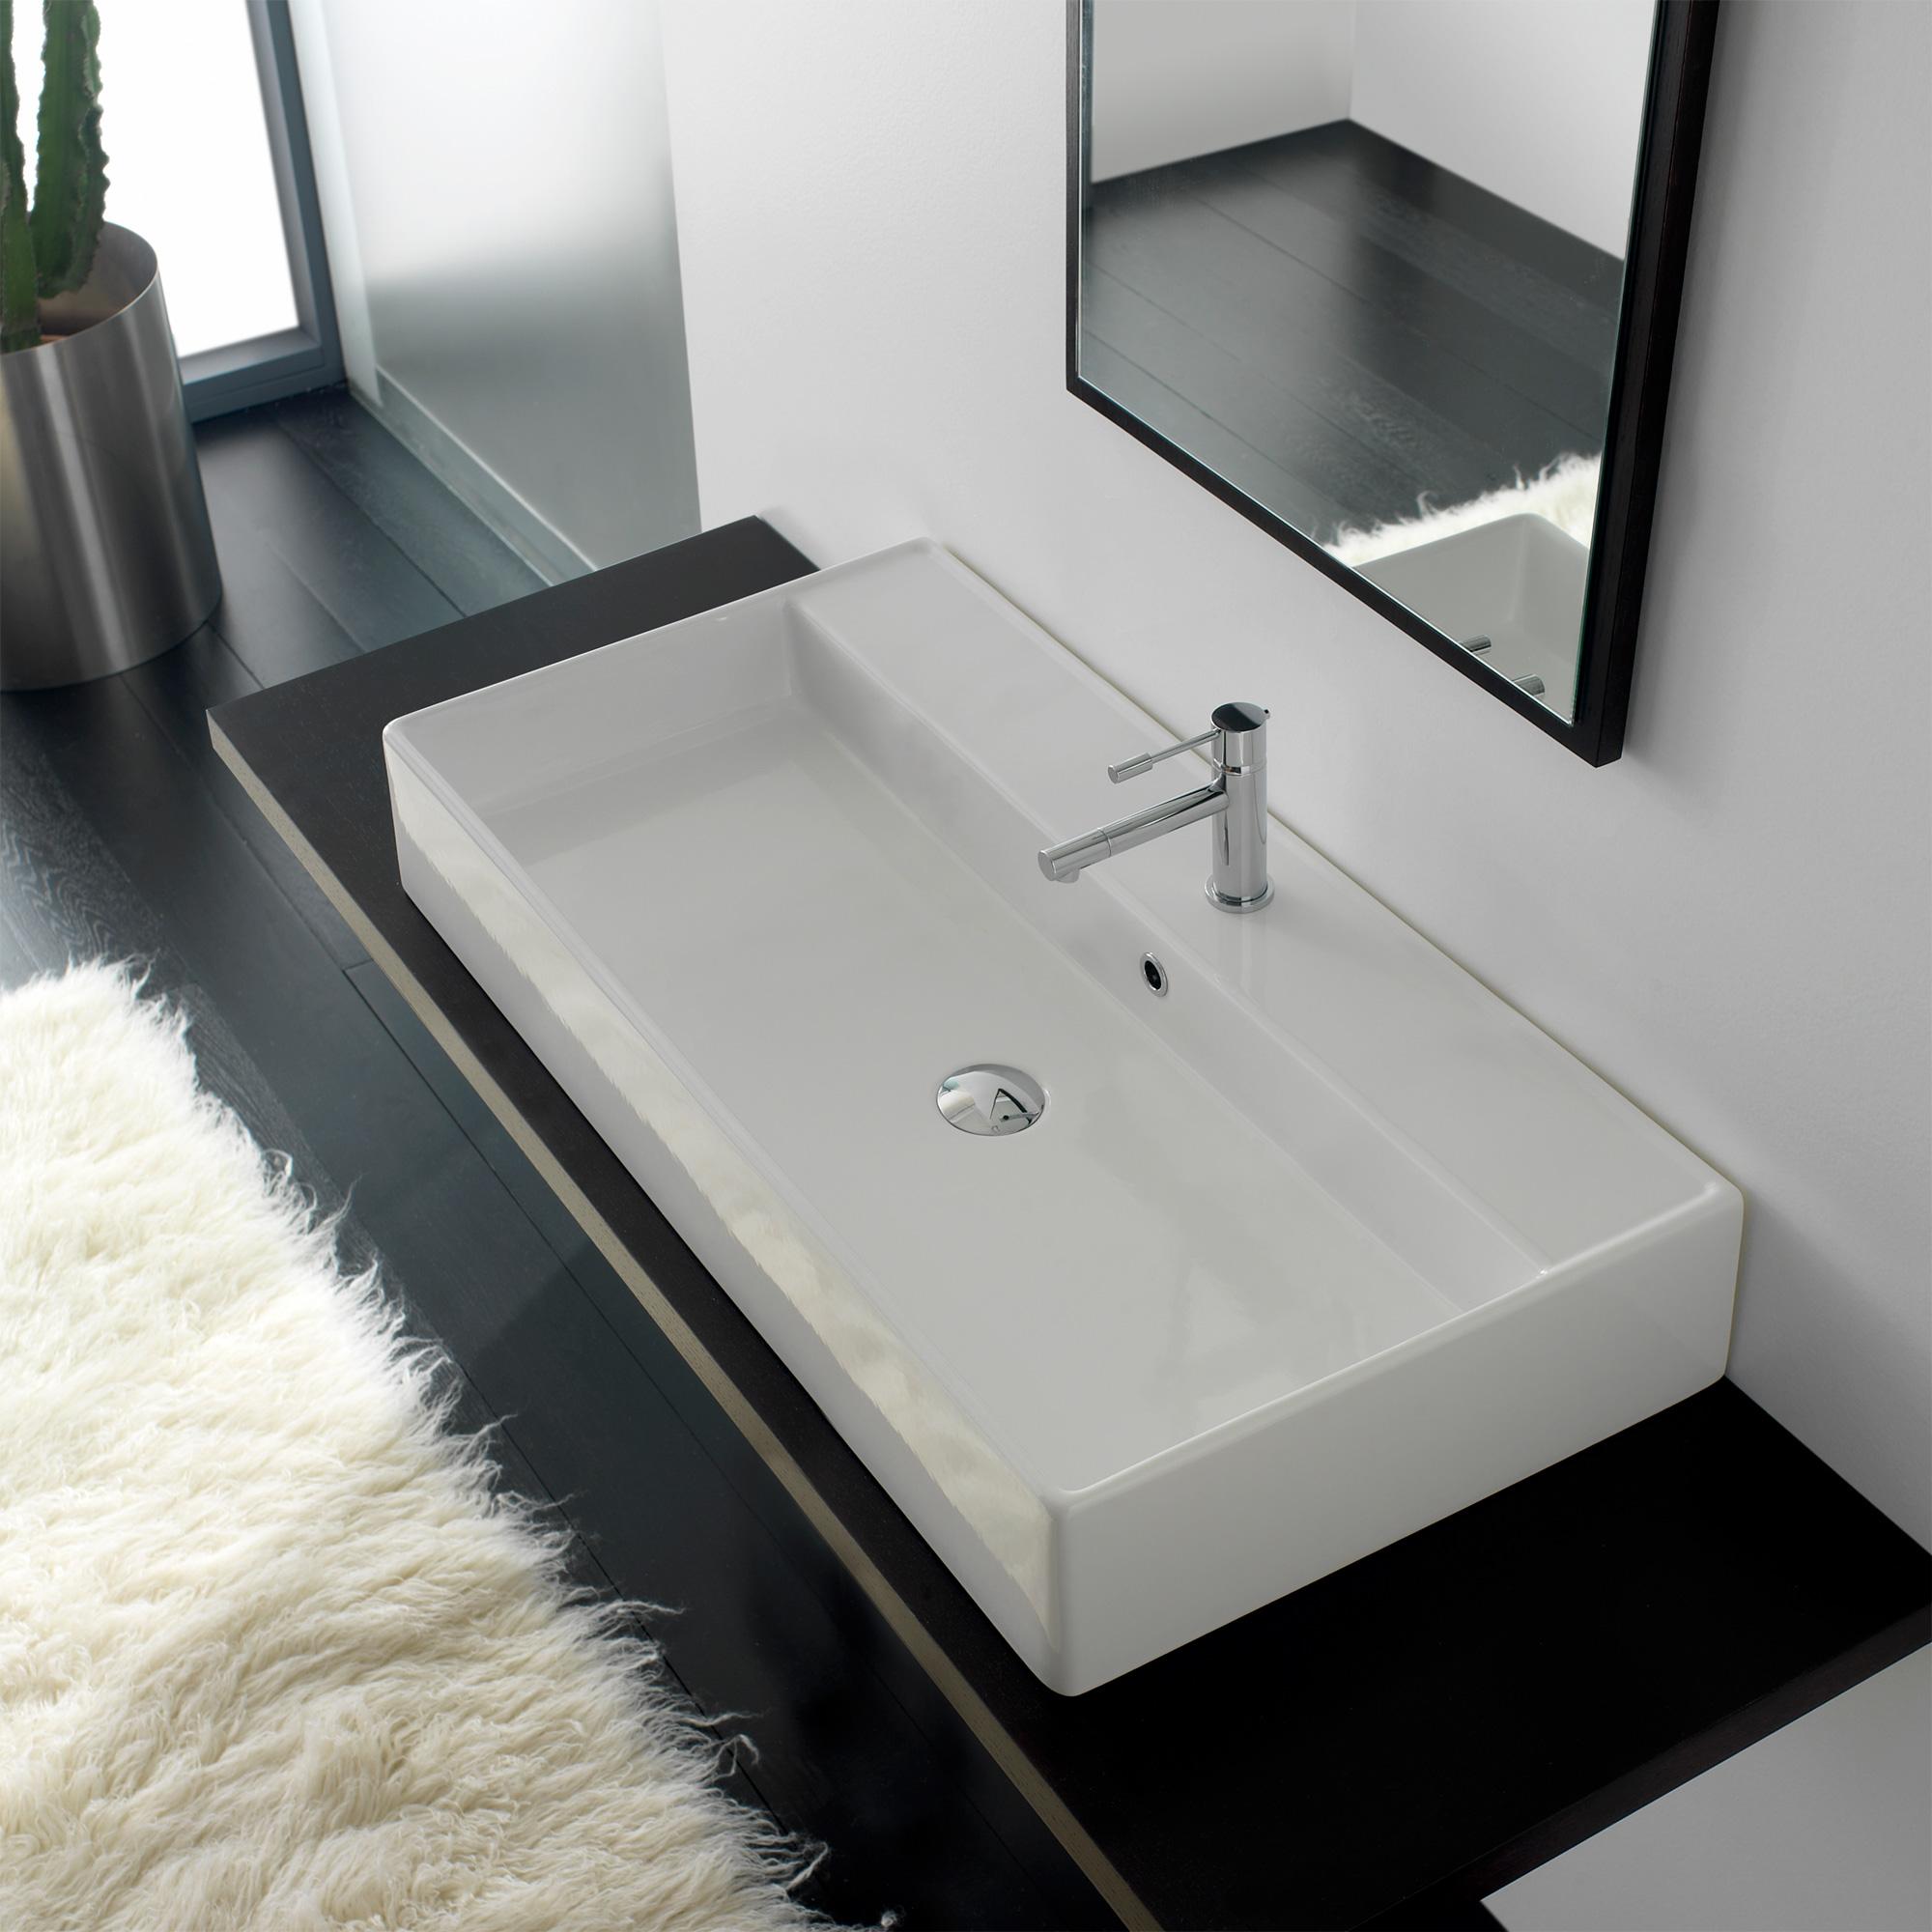 Waschbecken eckig mit unterschrank  Waschtisch Ytong Bauen: Waschbecken eckig mit unterschrank ...